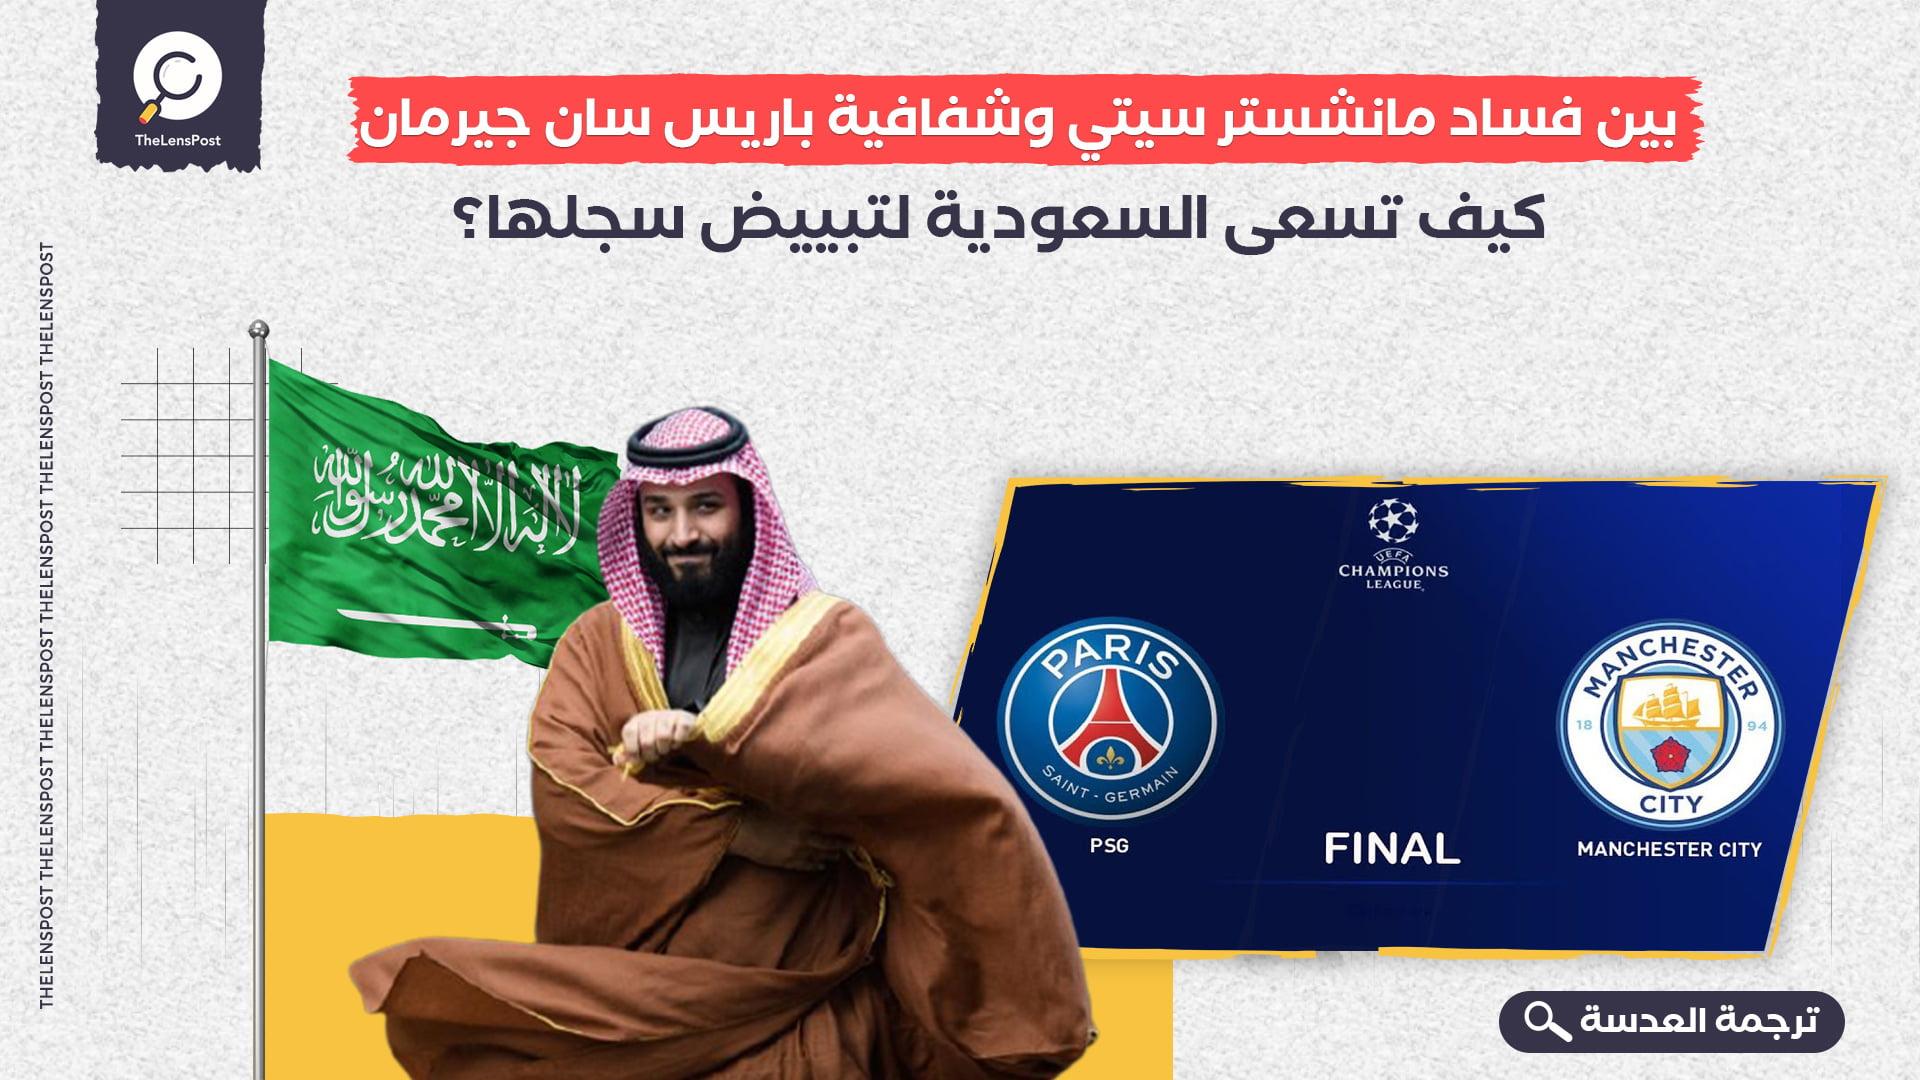 بين فساد مانشستر سيتي وشفافية باريس سان جيرمان... كيف تسعى السعودية لتبييض سجلها؟